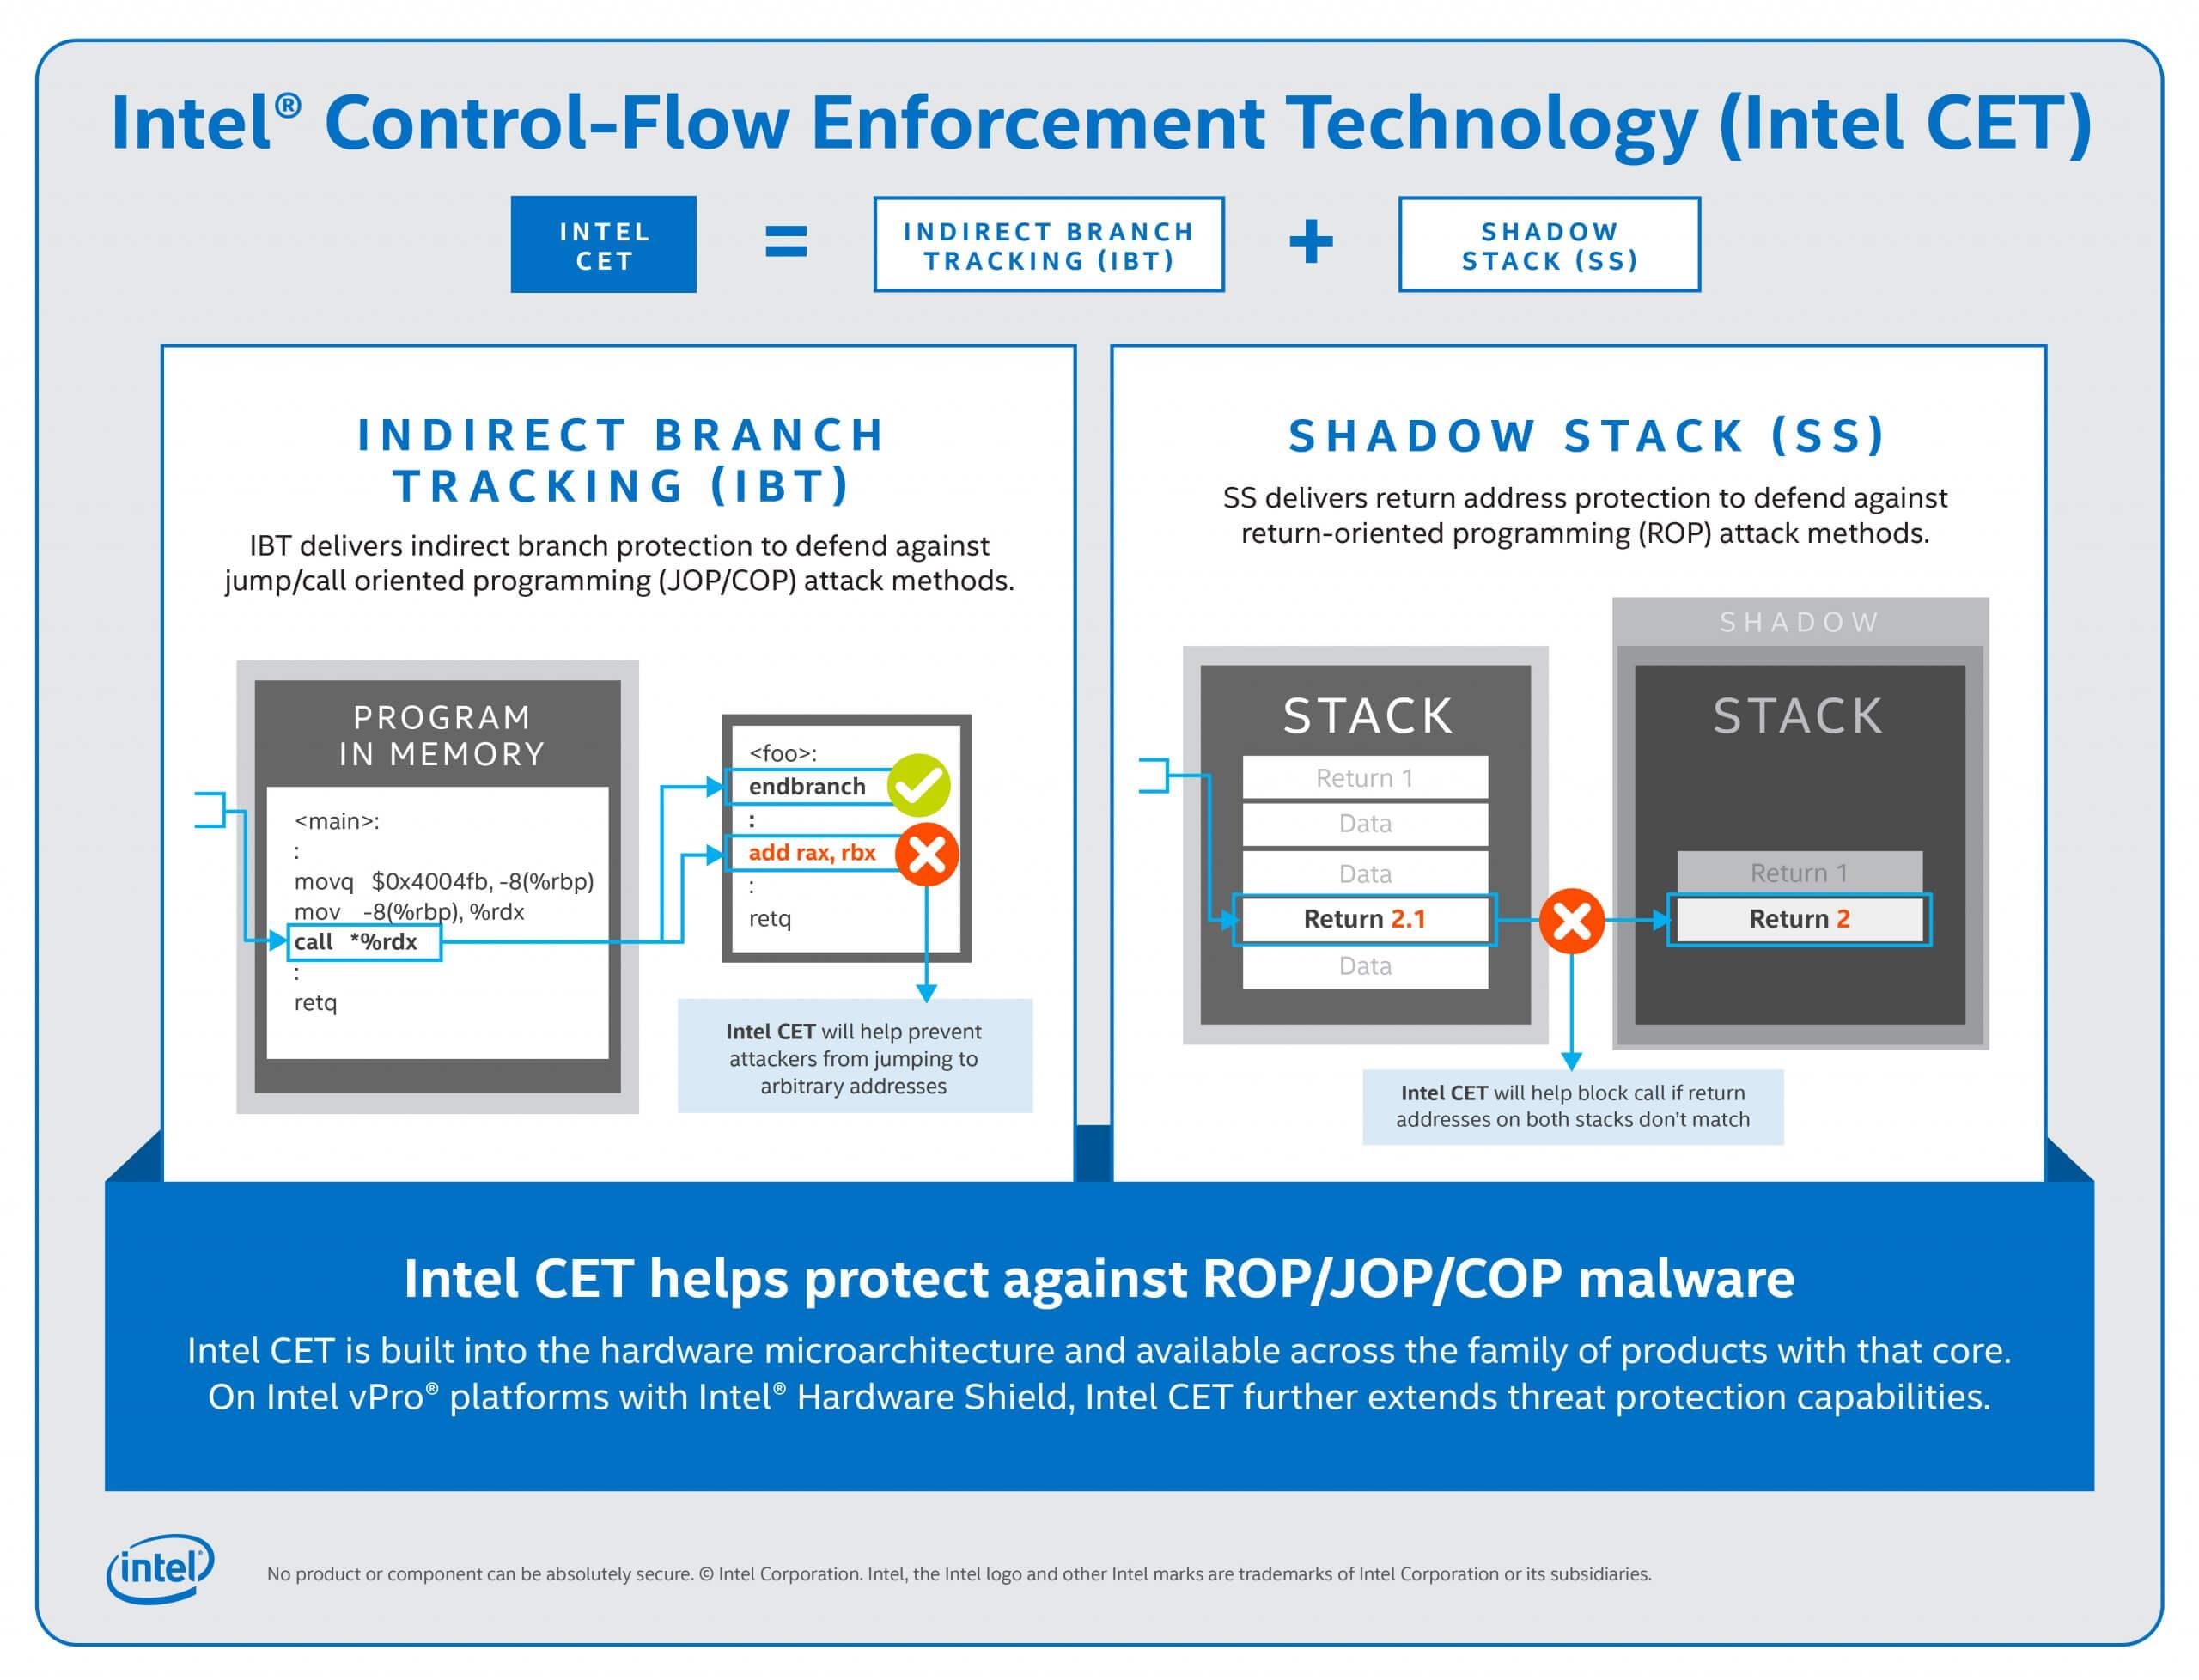 CPU Tiger Lake của Intel sẽ có công nghệ chống phần mềm độc hại